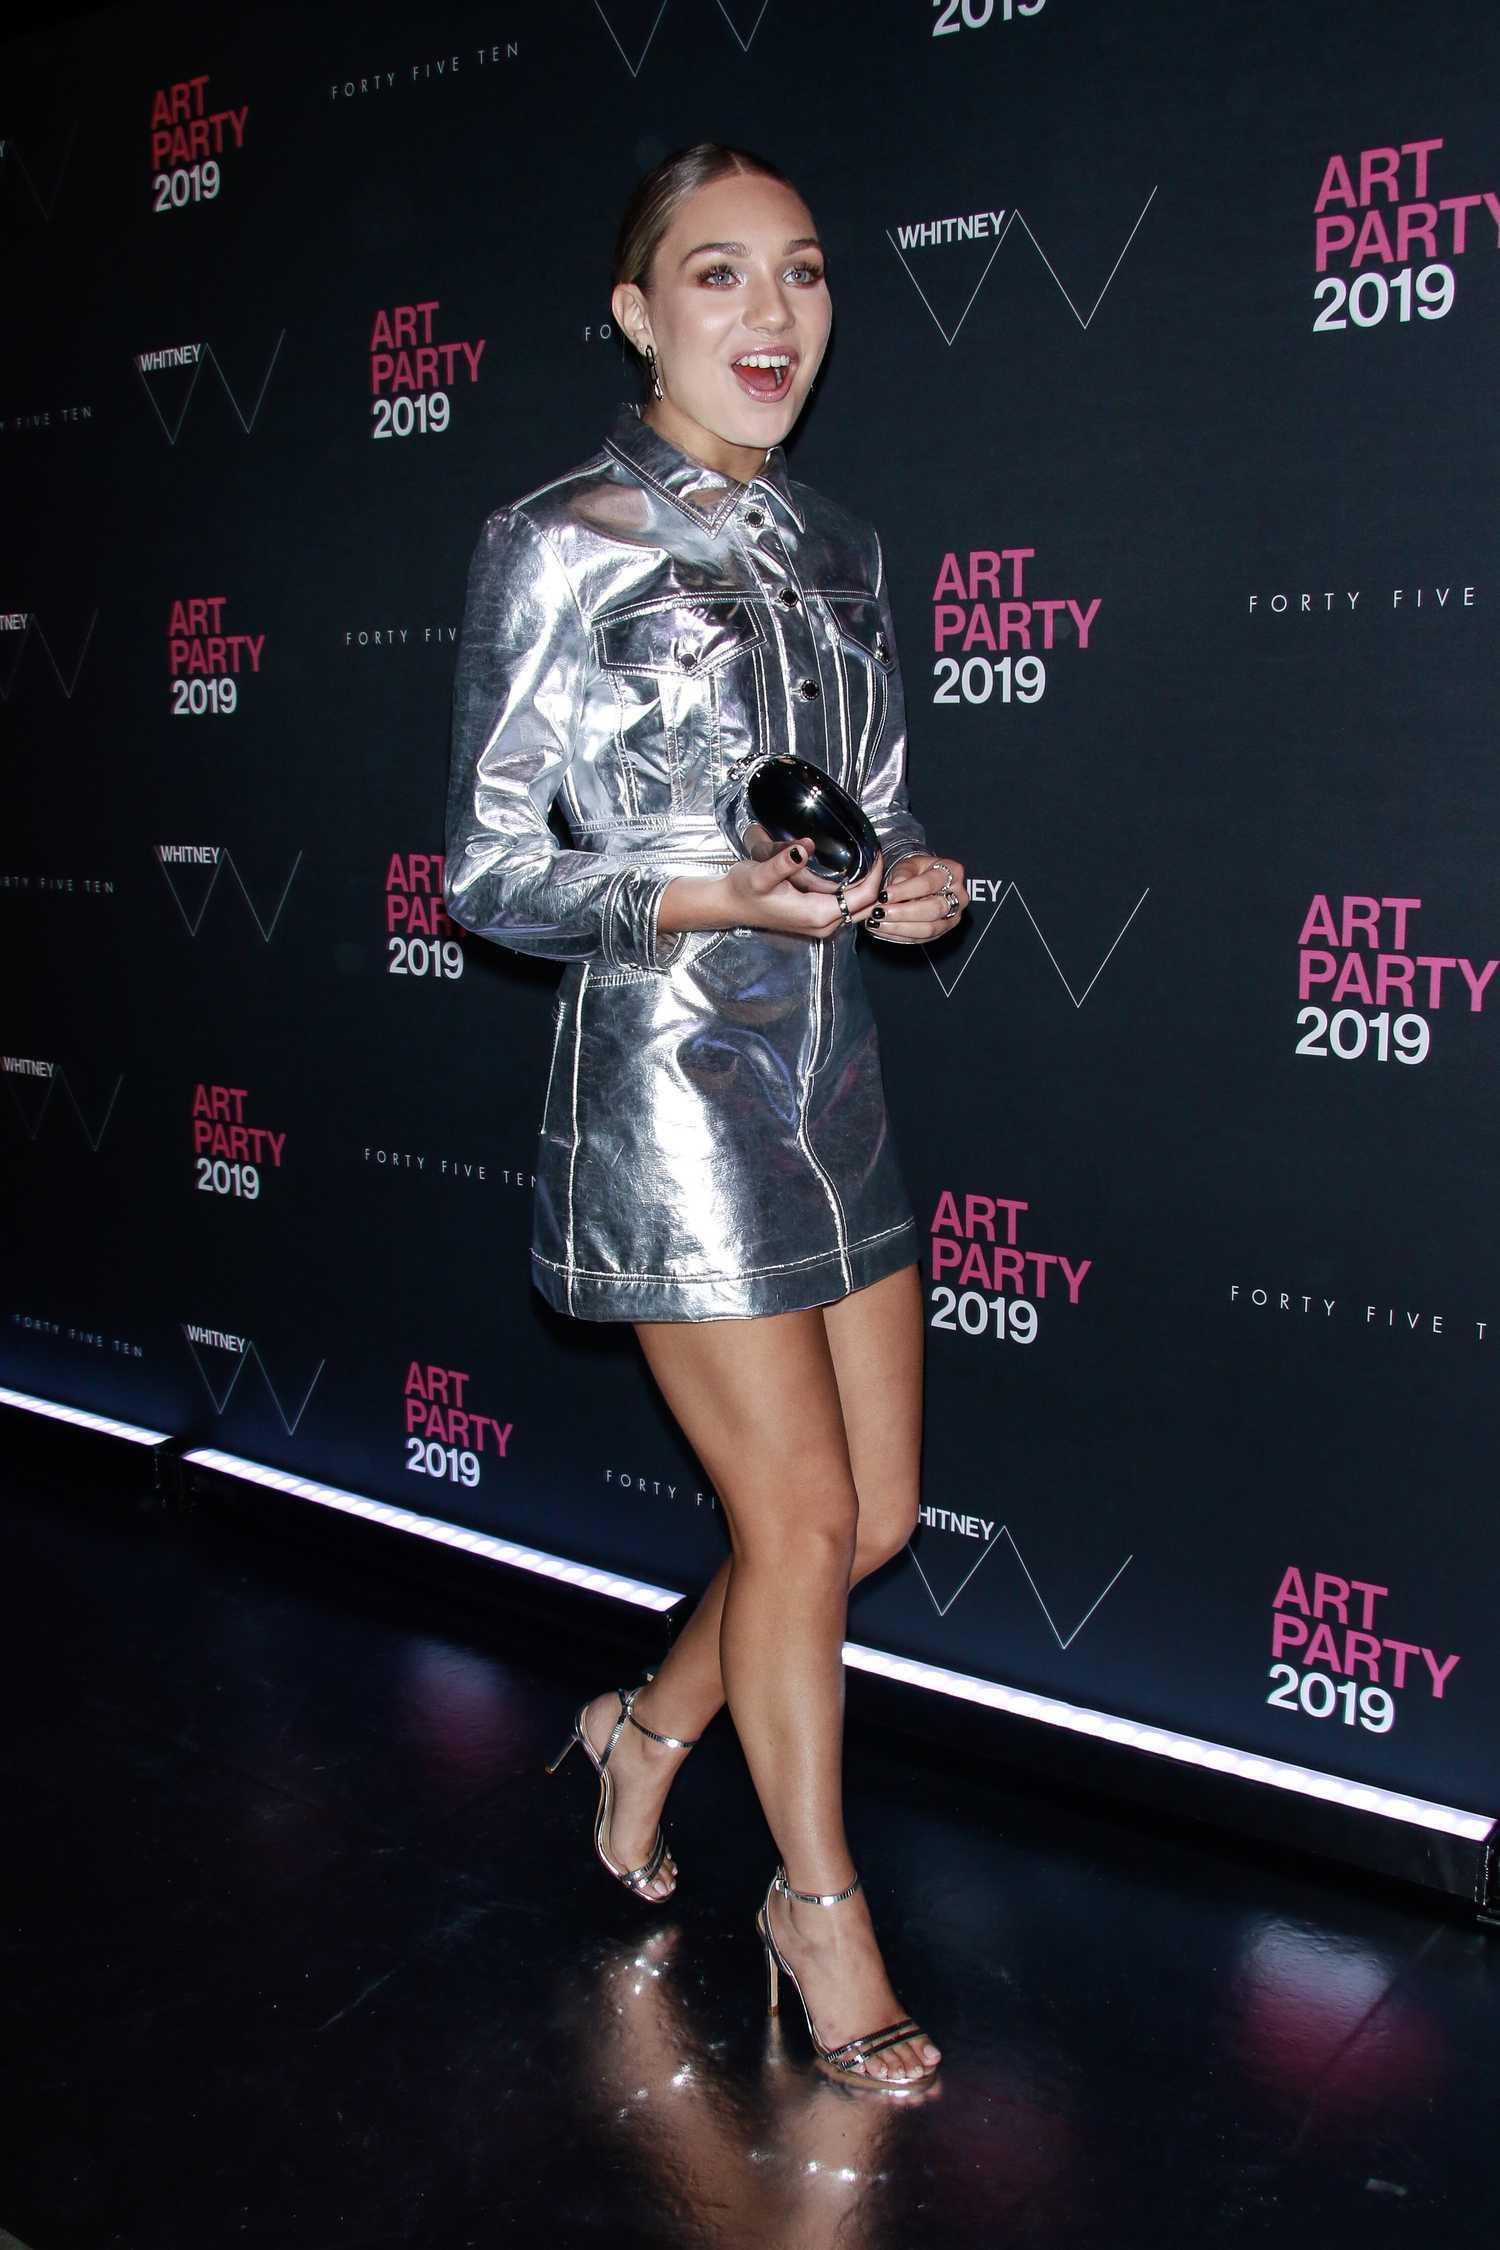 Maddie Ziegler Attnds Whitney Art Party in New York ...